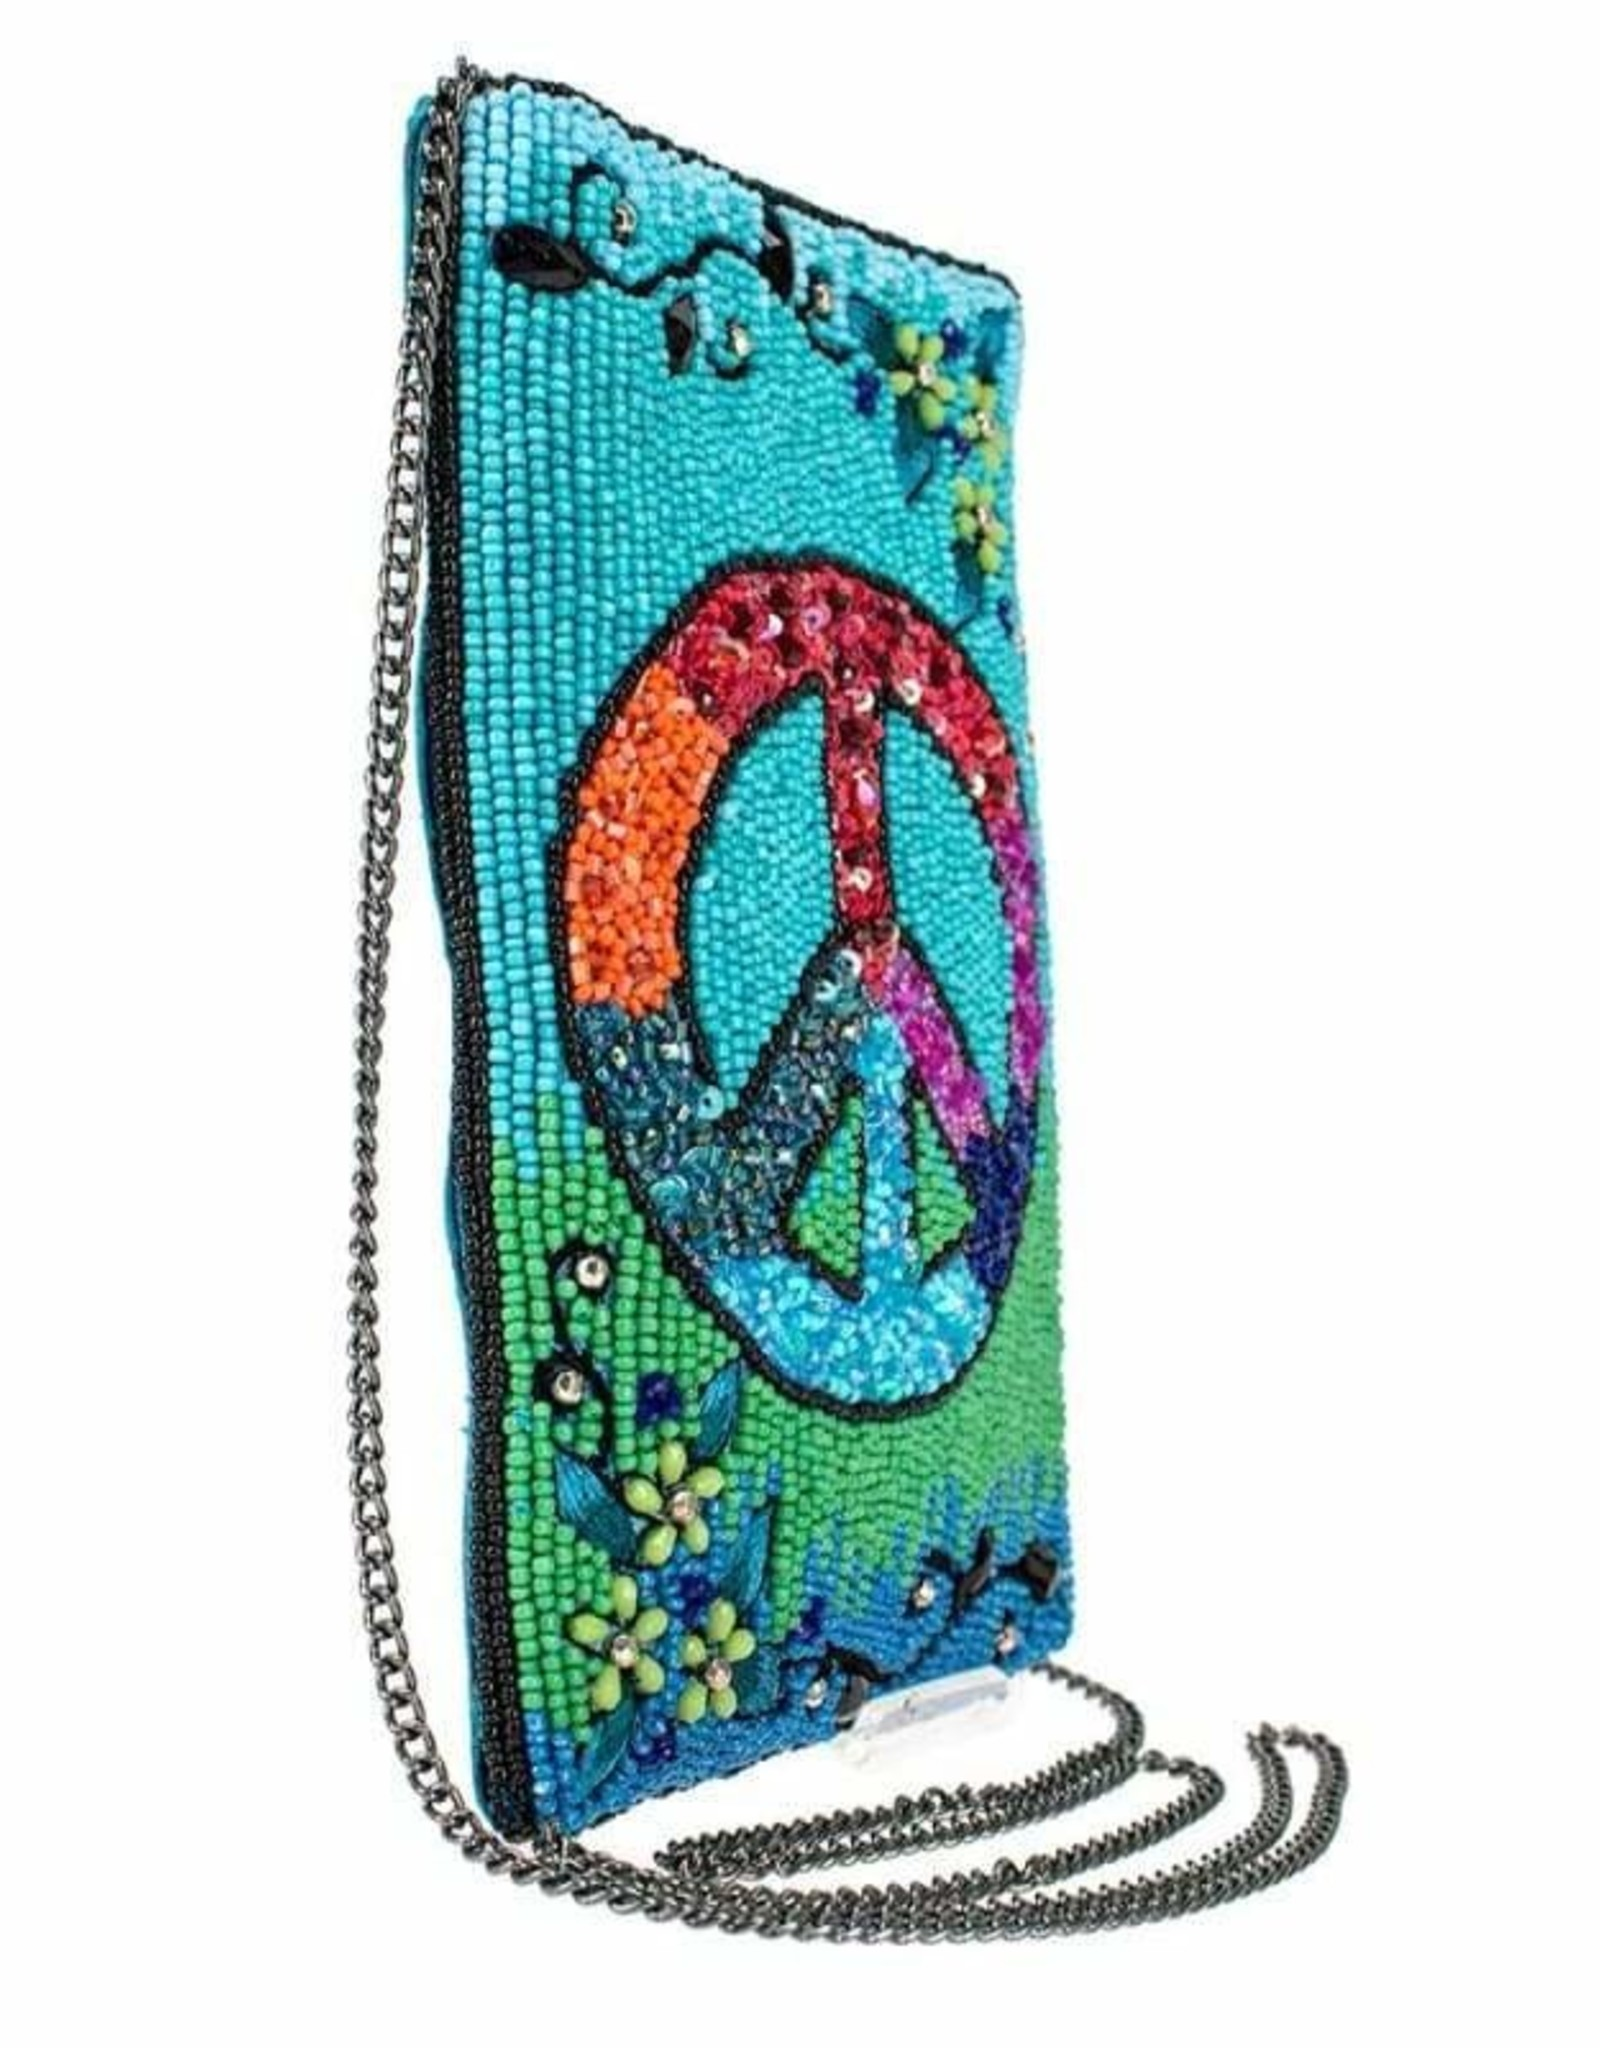 Mary Frances Mary Frances Phone Crossbody Bag INNER PEACE